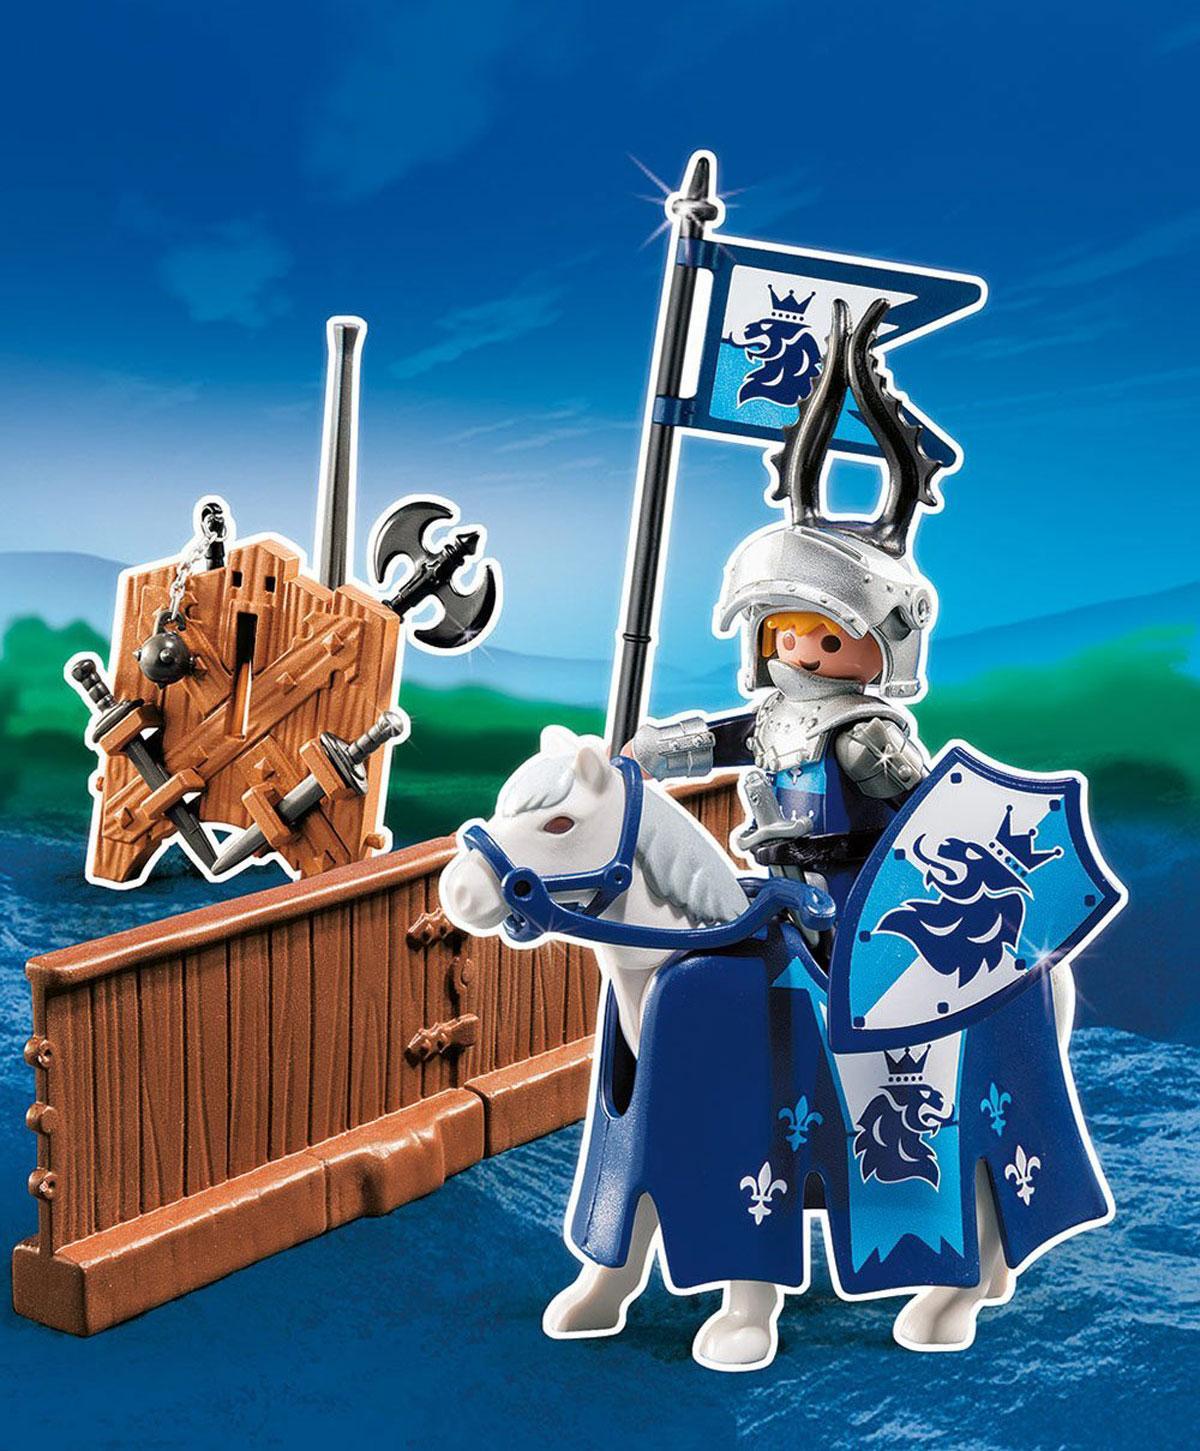 Playmobil Игровой набор Турнир рыцаря ордена Льва5356pmИгровой набор Playmobil Турнир рыцаря ордена Льва обязательно понравится вашему ребенку. Он выполнен из безопасного пластика и включает фигурку рыцаря ордена Льва, его лошадь, оружие, изгородь и другие аксессуары для игры. У рыцаря подвижные части тела; в руках он может удерживать предметы. Его рогатый шлем подействует на противника устрашающе еще до того, как рыцарь пустит в ход свое оружие! Зрителям лучше держаться за изгородью. Фрагмент изгороди можно соединить с другими частями и образовать замкнутый круг. Ваш ребенок с удовольствием будет играть с набором, придумывая захватывающие истории. Доступны мобильные приложения. Рекомендуемый возраст: от 4 до 10 лет.